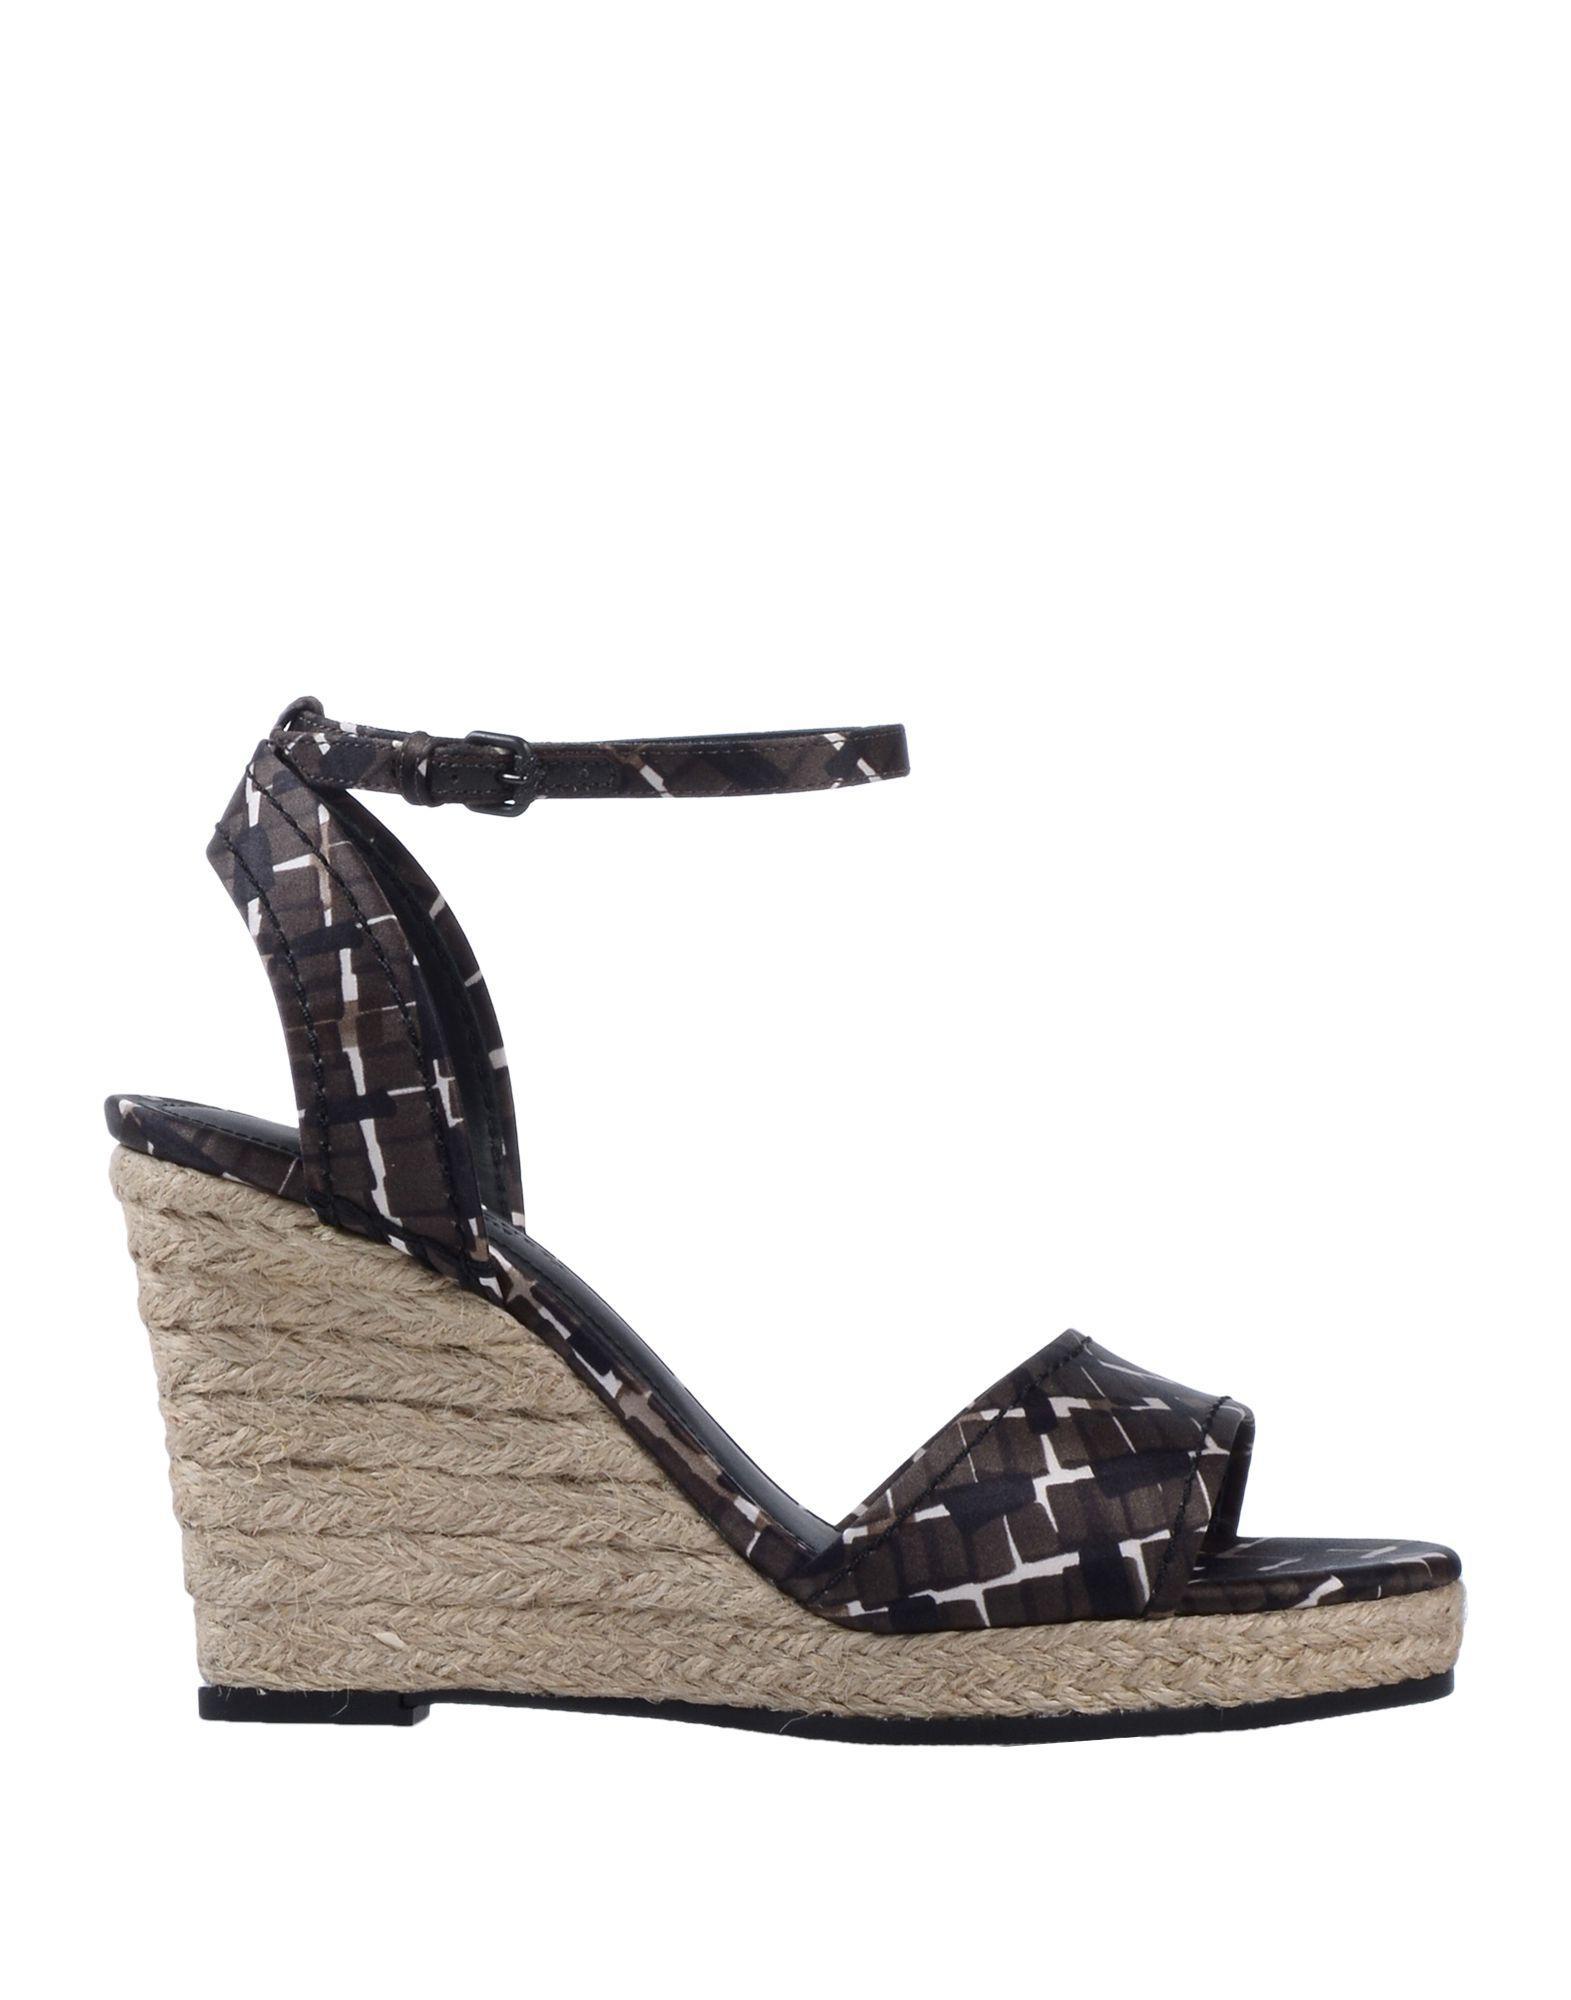 432508f3a9e1 Bottega Veneta Sandals in Brown - Lyst